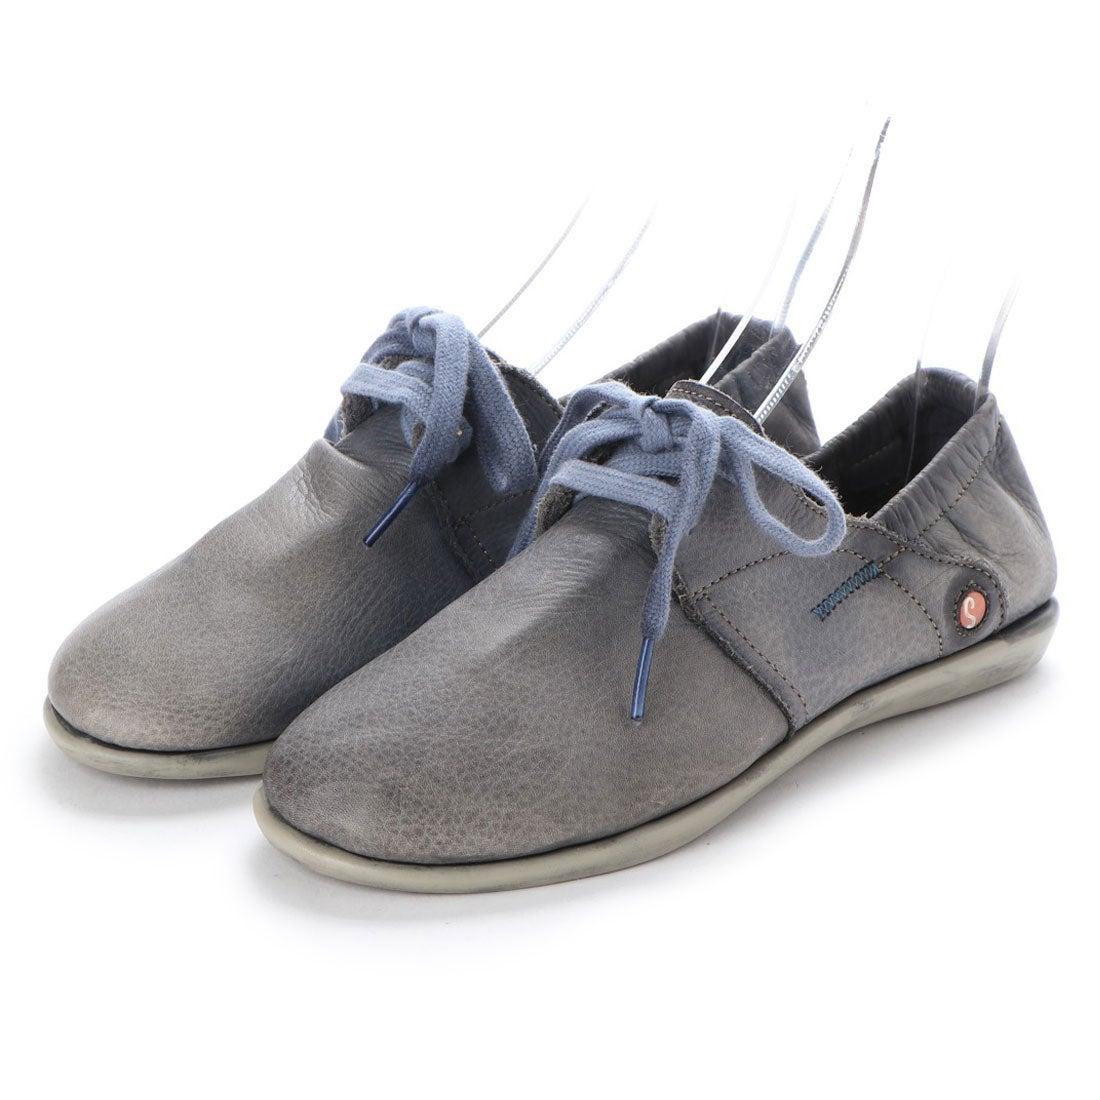 ヨーロッパコンフォートシューズ EU Comfort Shoes Softinos スニーカー(900.276) (ネイビー)